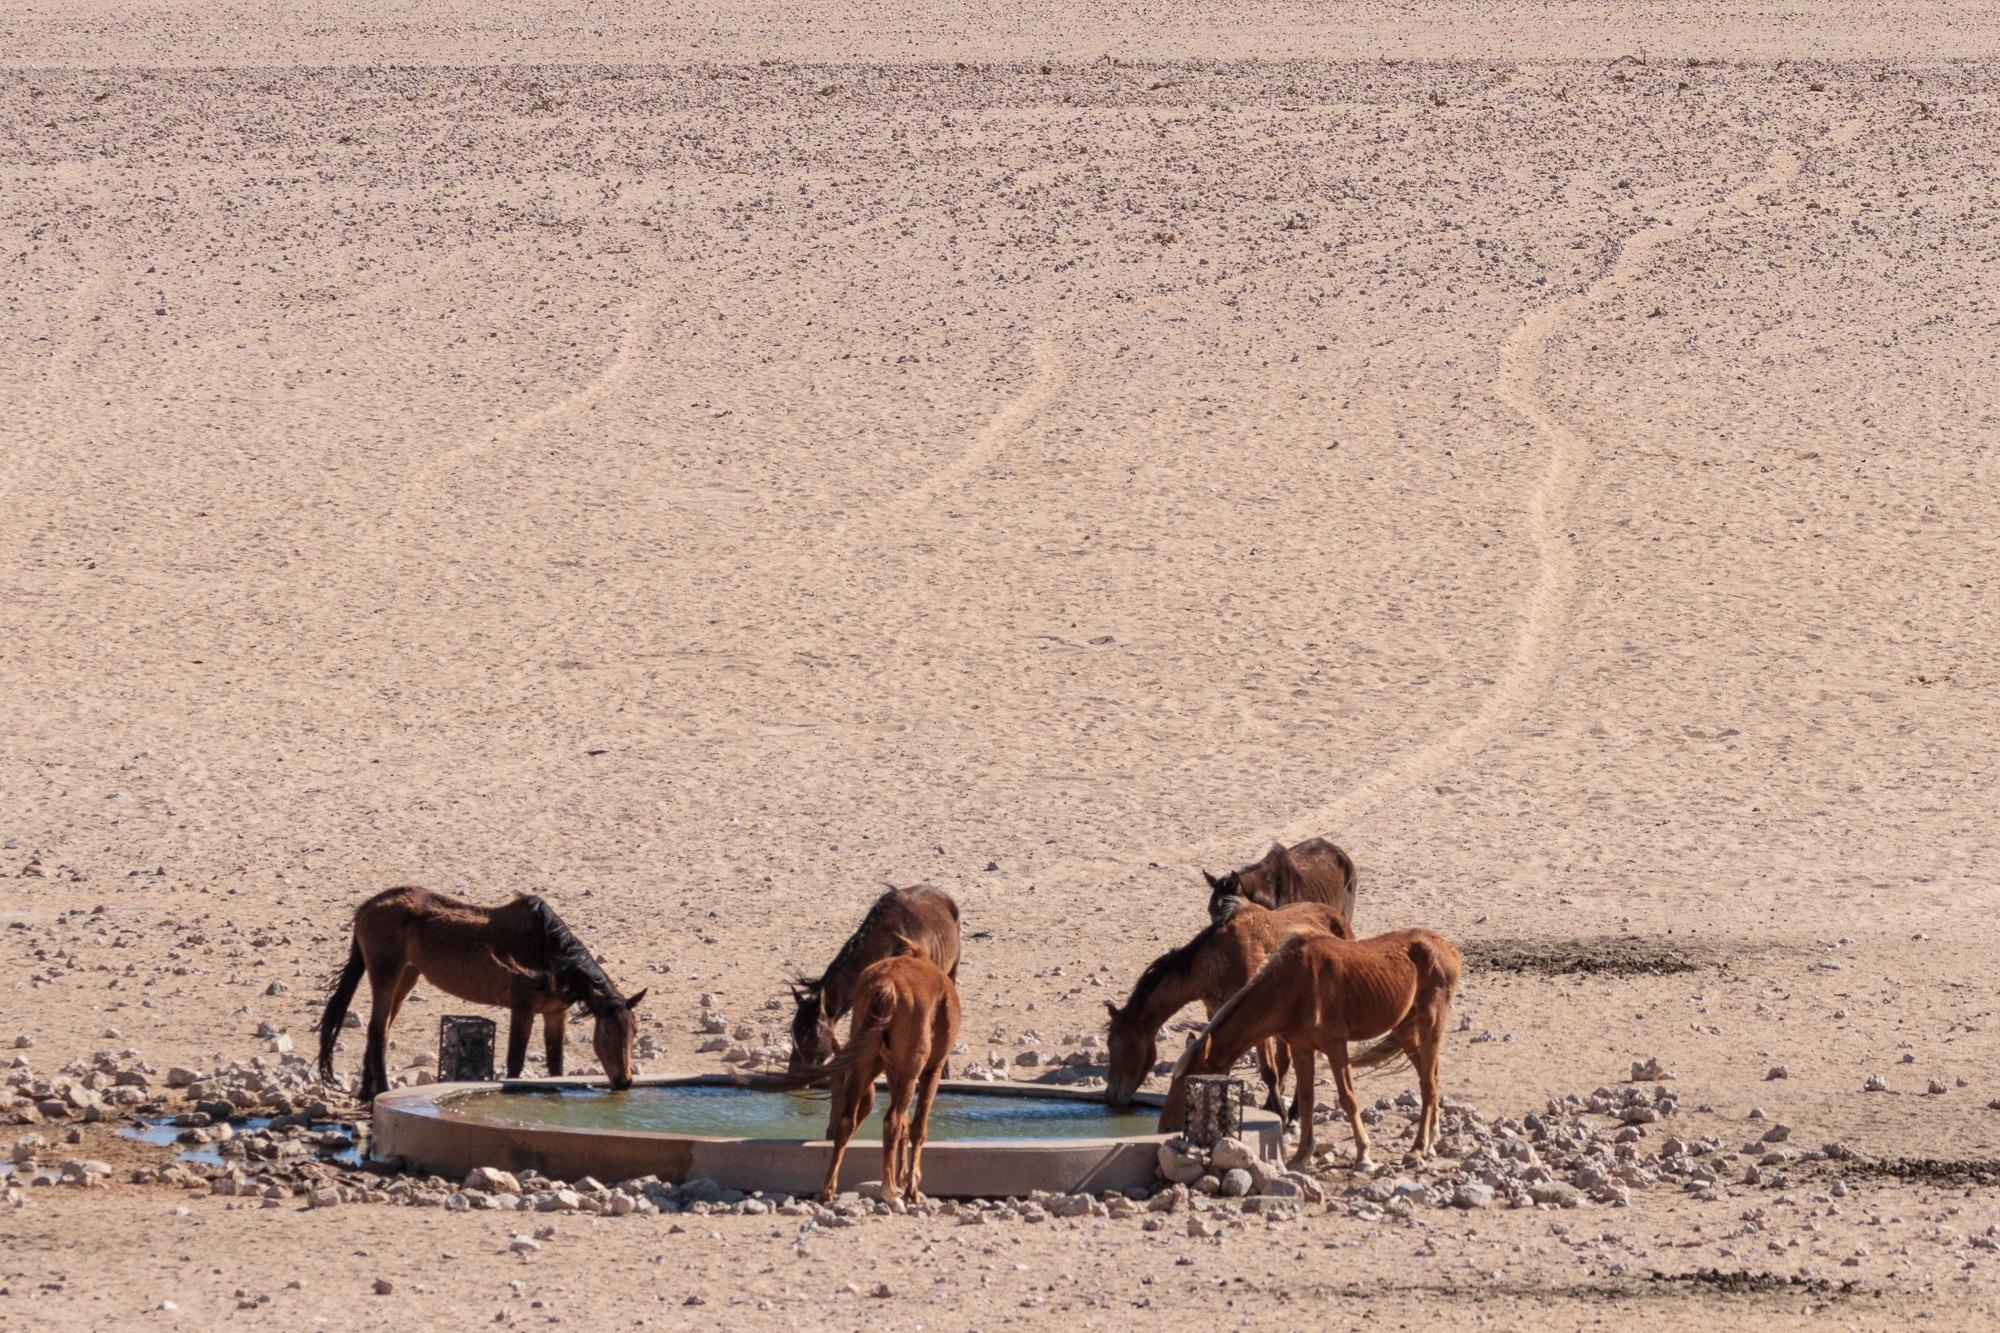 Garub Wildpferde trinken beim Wasserloch in der Namib Wüste Namibia